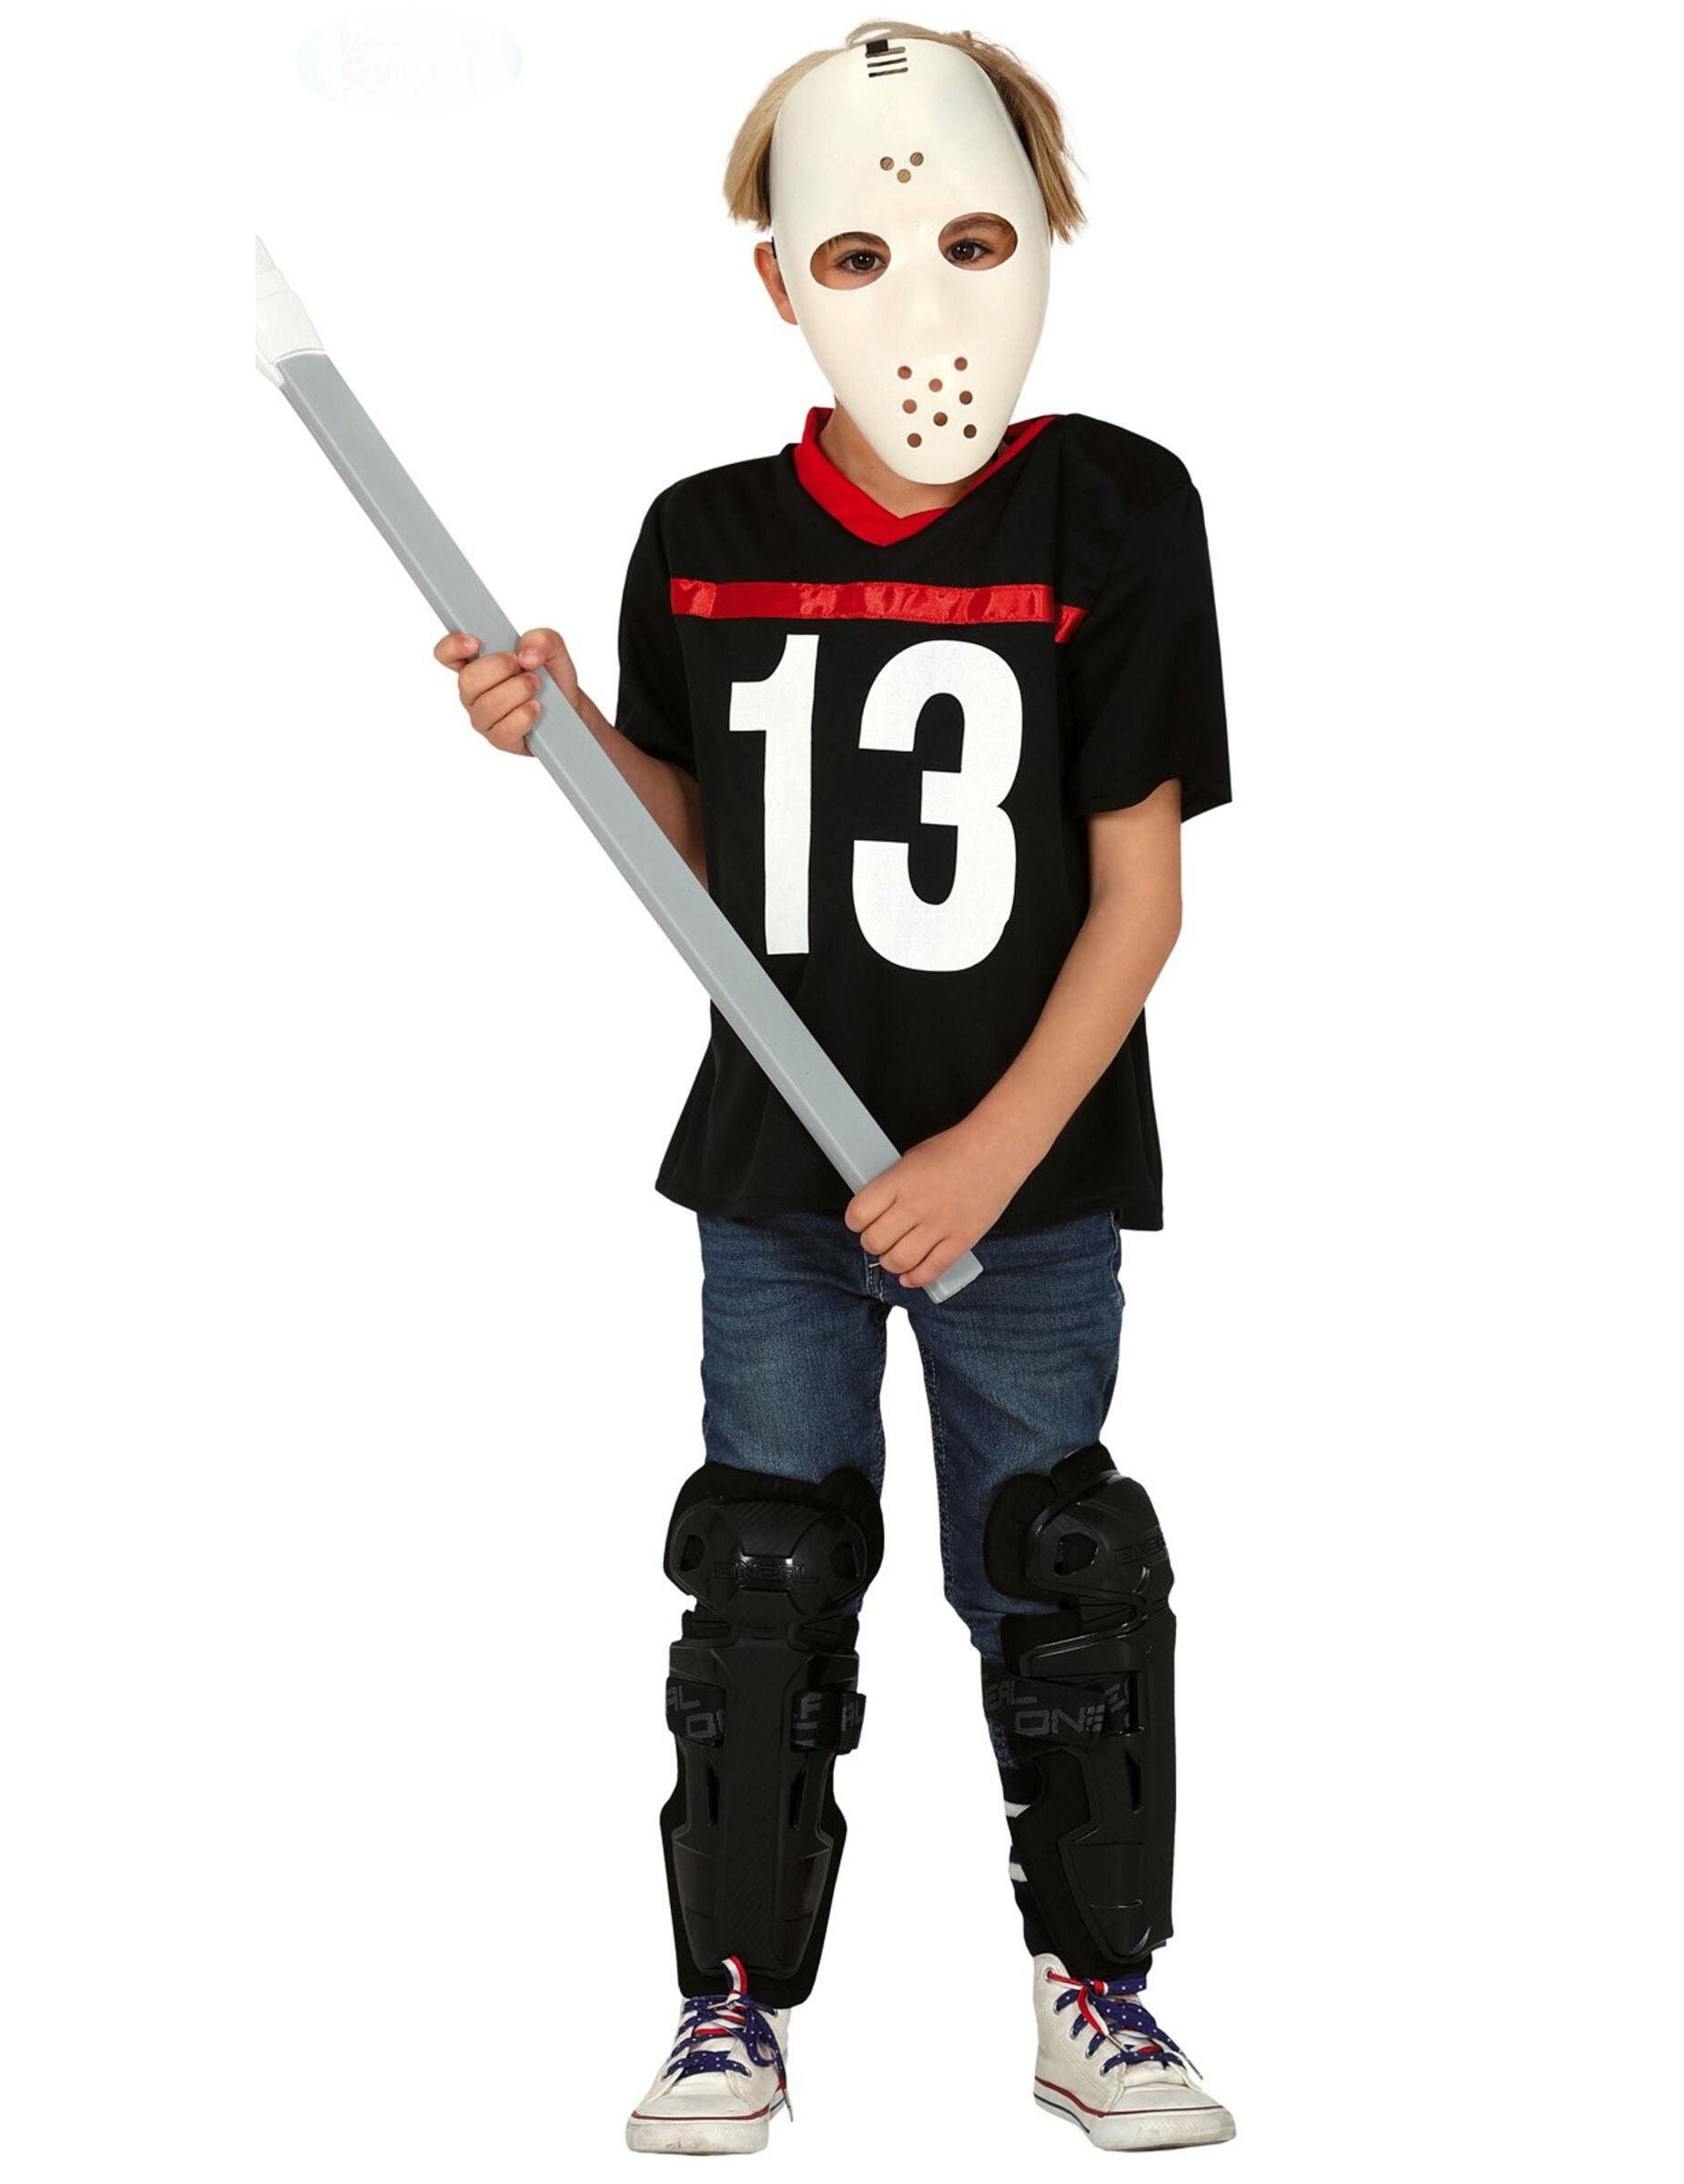 Deguisetoi Déguisement assassin avec masque de hockey garçon - Taille: 10 à 12 ans (142-148 cm)